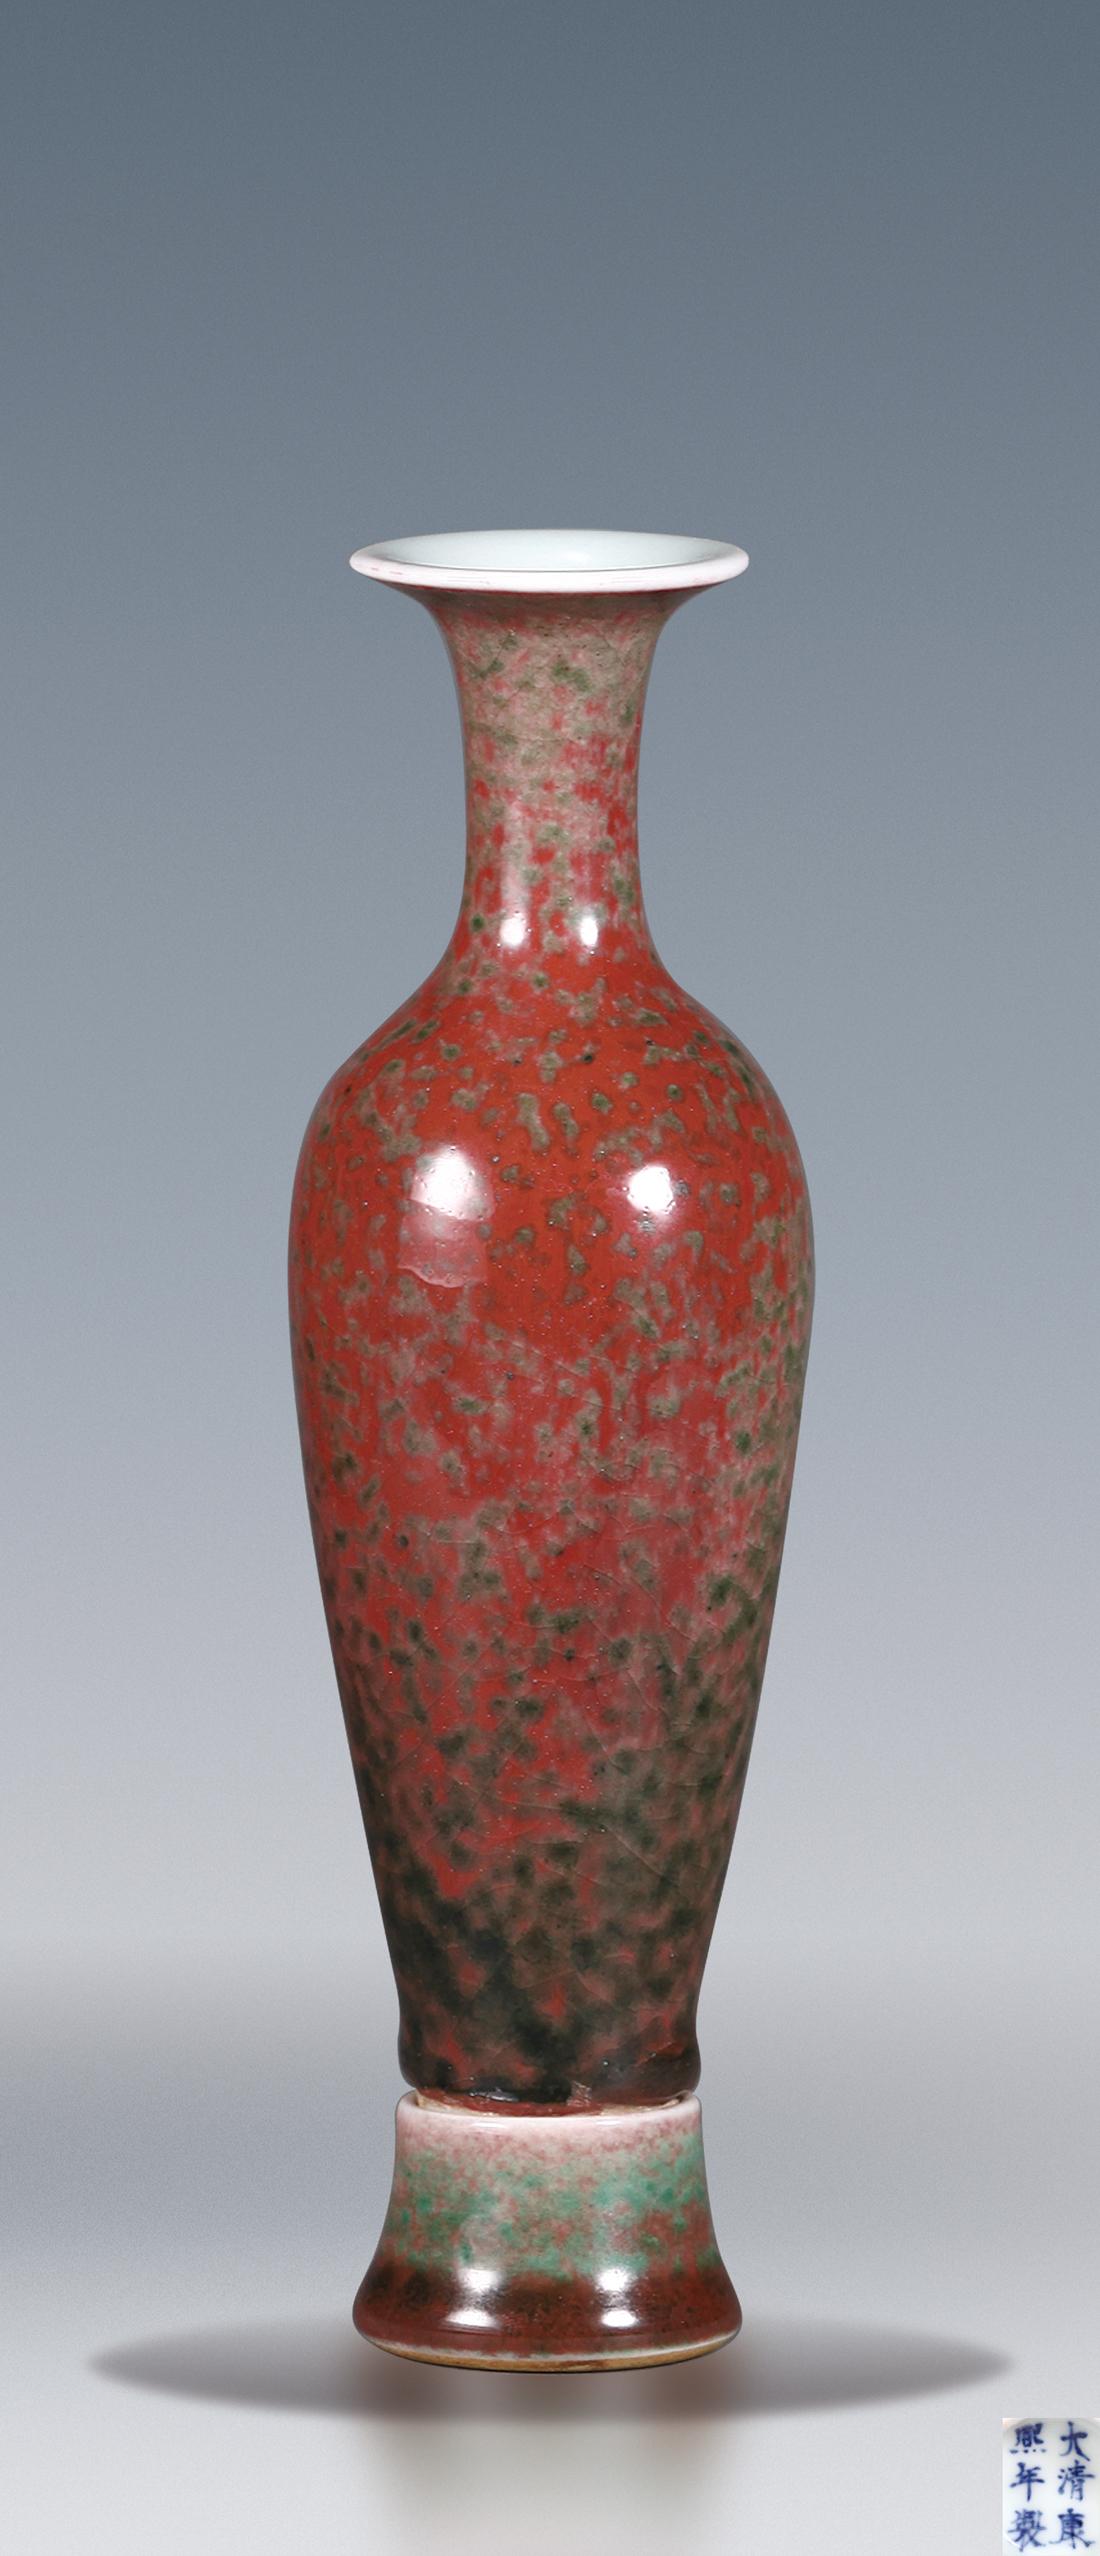 清康熙 豇豆红美人醉柳叶瓶(带底座)图片